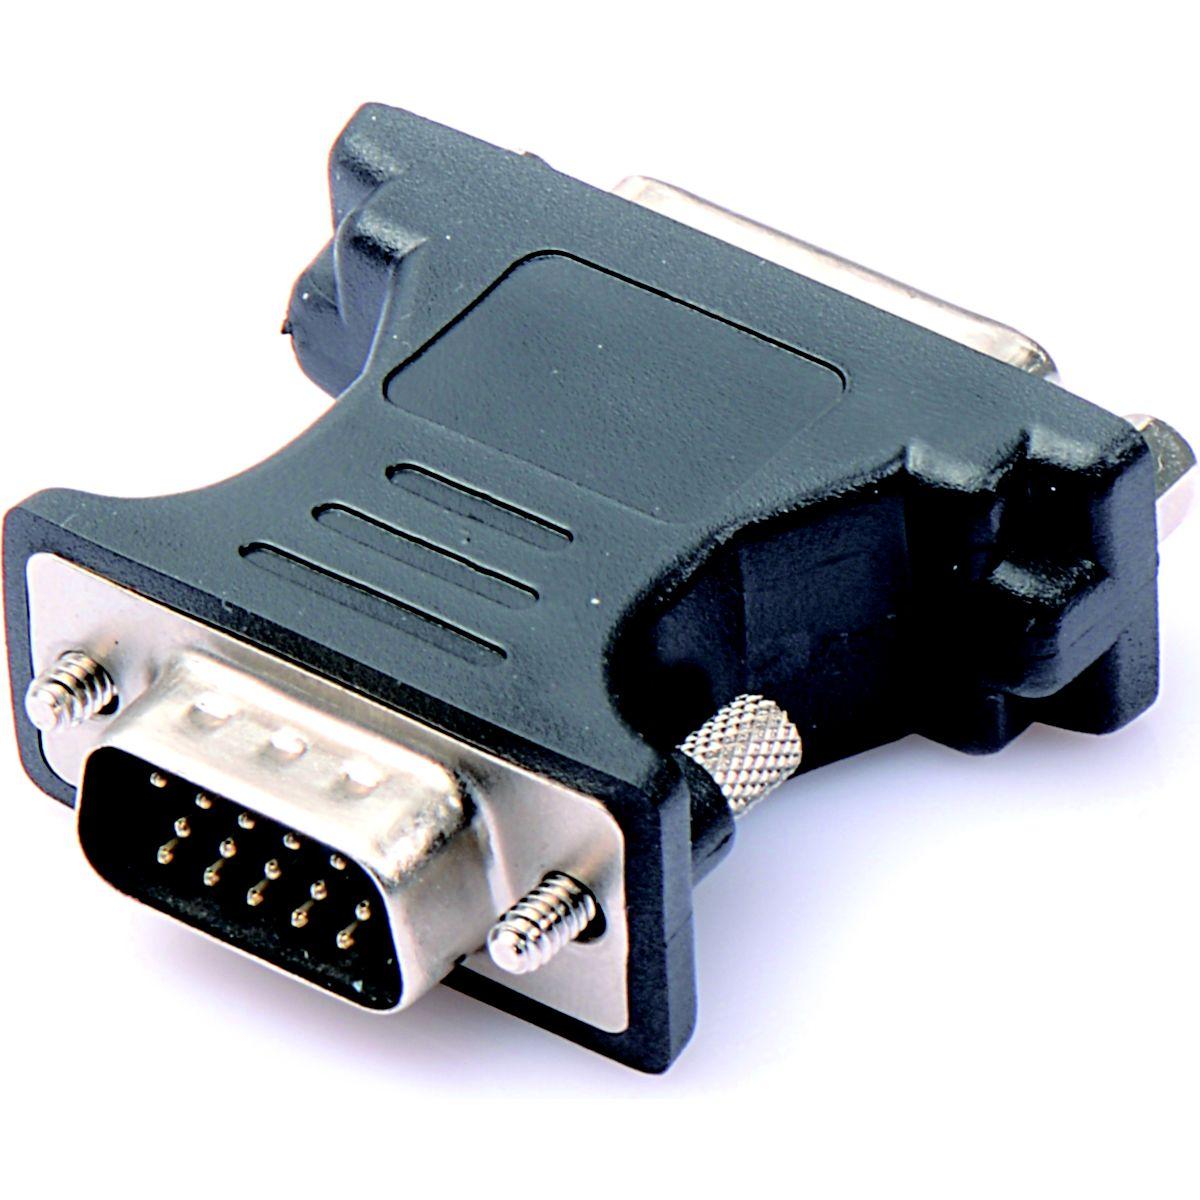 Adaptateur VGA ESSENTIELB VGA mâle / DVI femelle (photo)